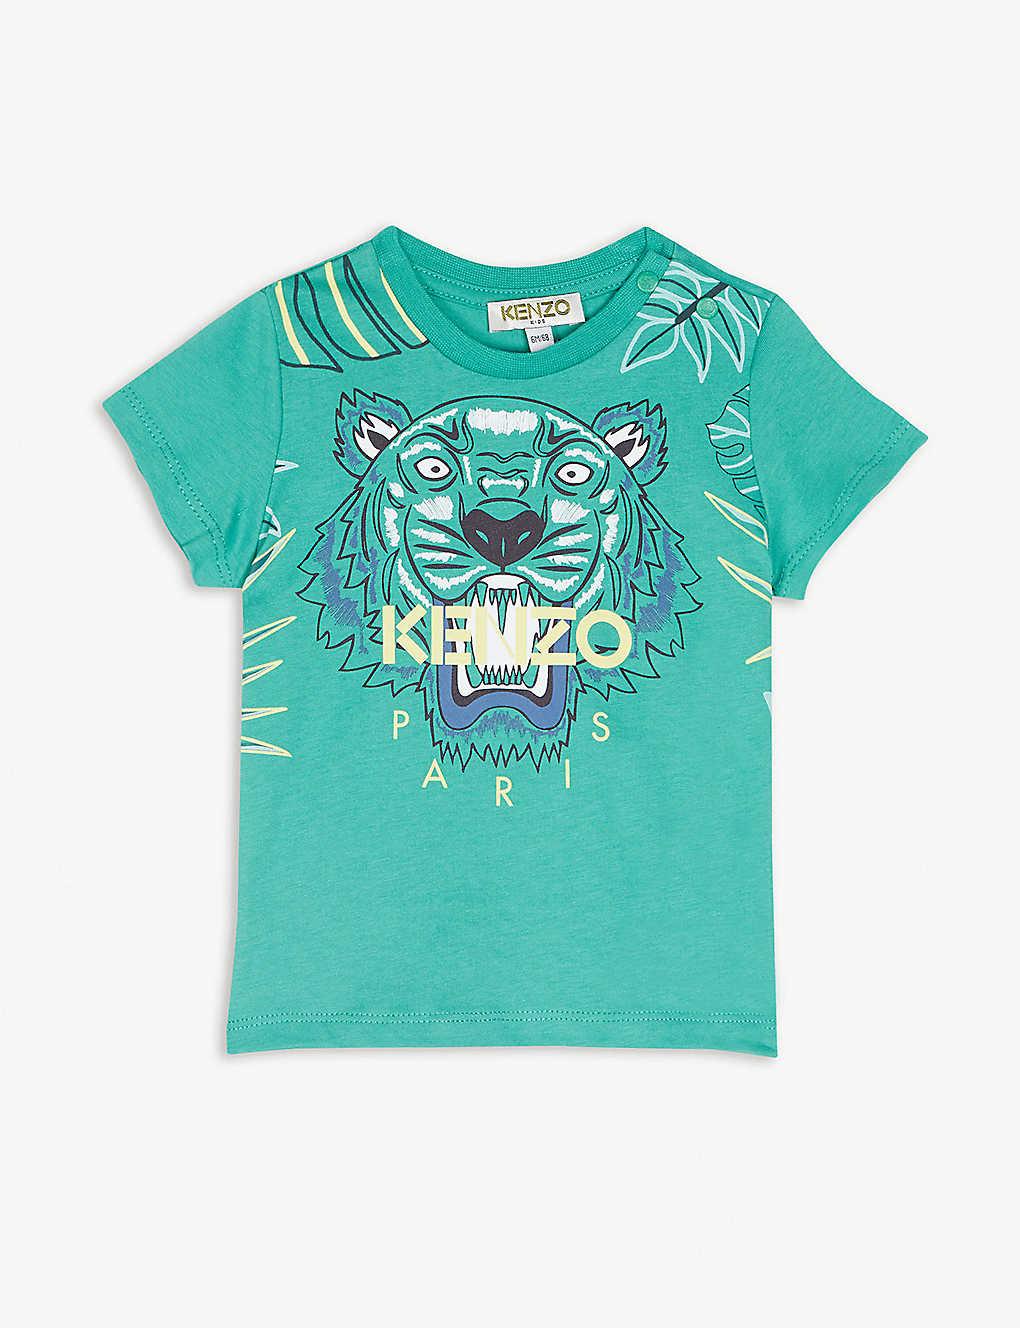 96a5980a KENZO - Logo cotton T-shirt 6-18 months | Selfridges.com